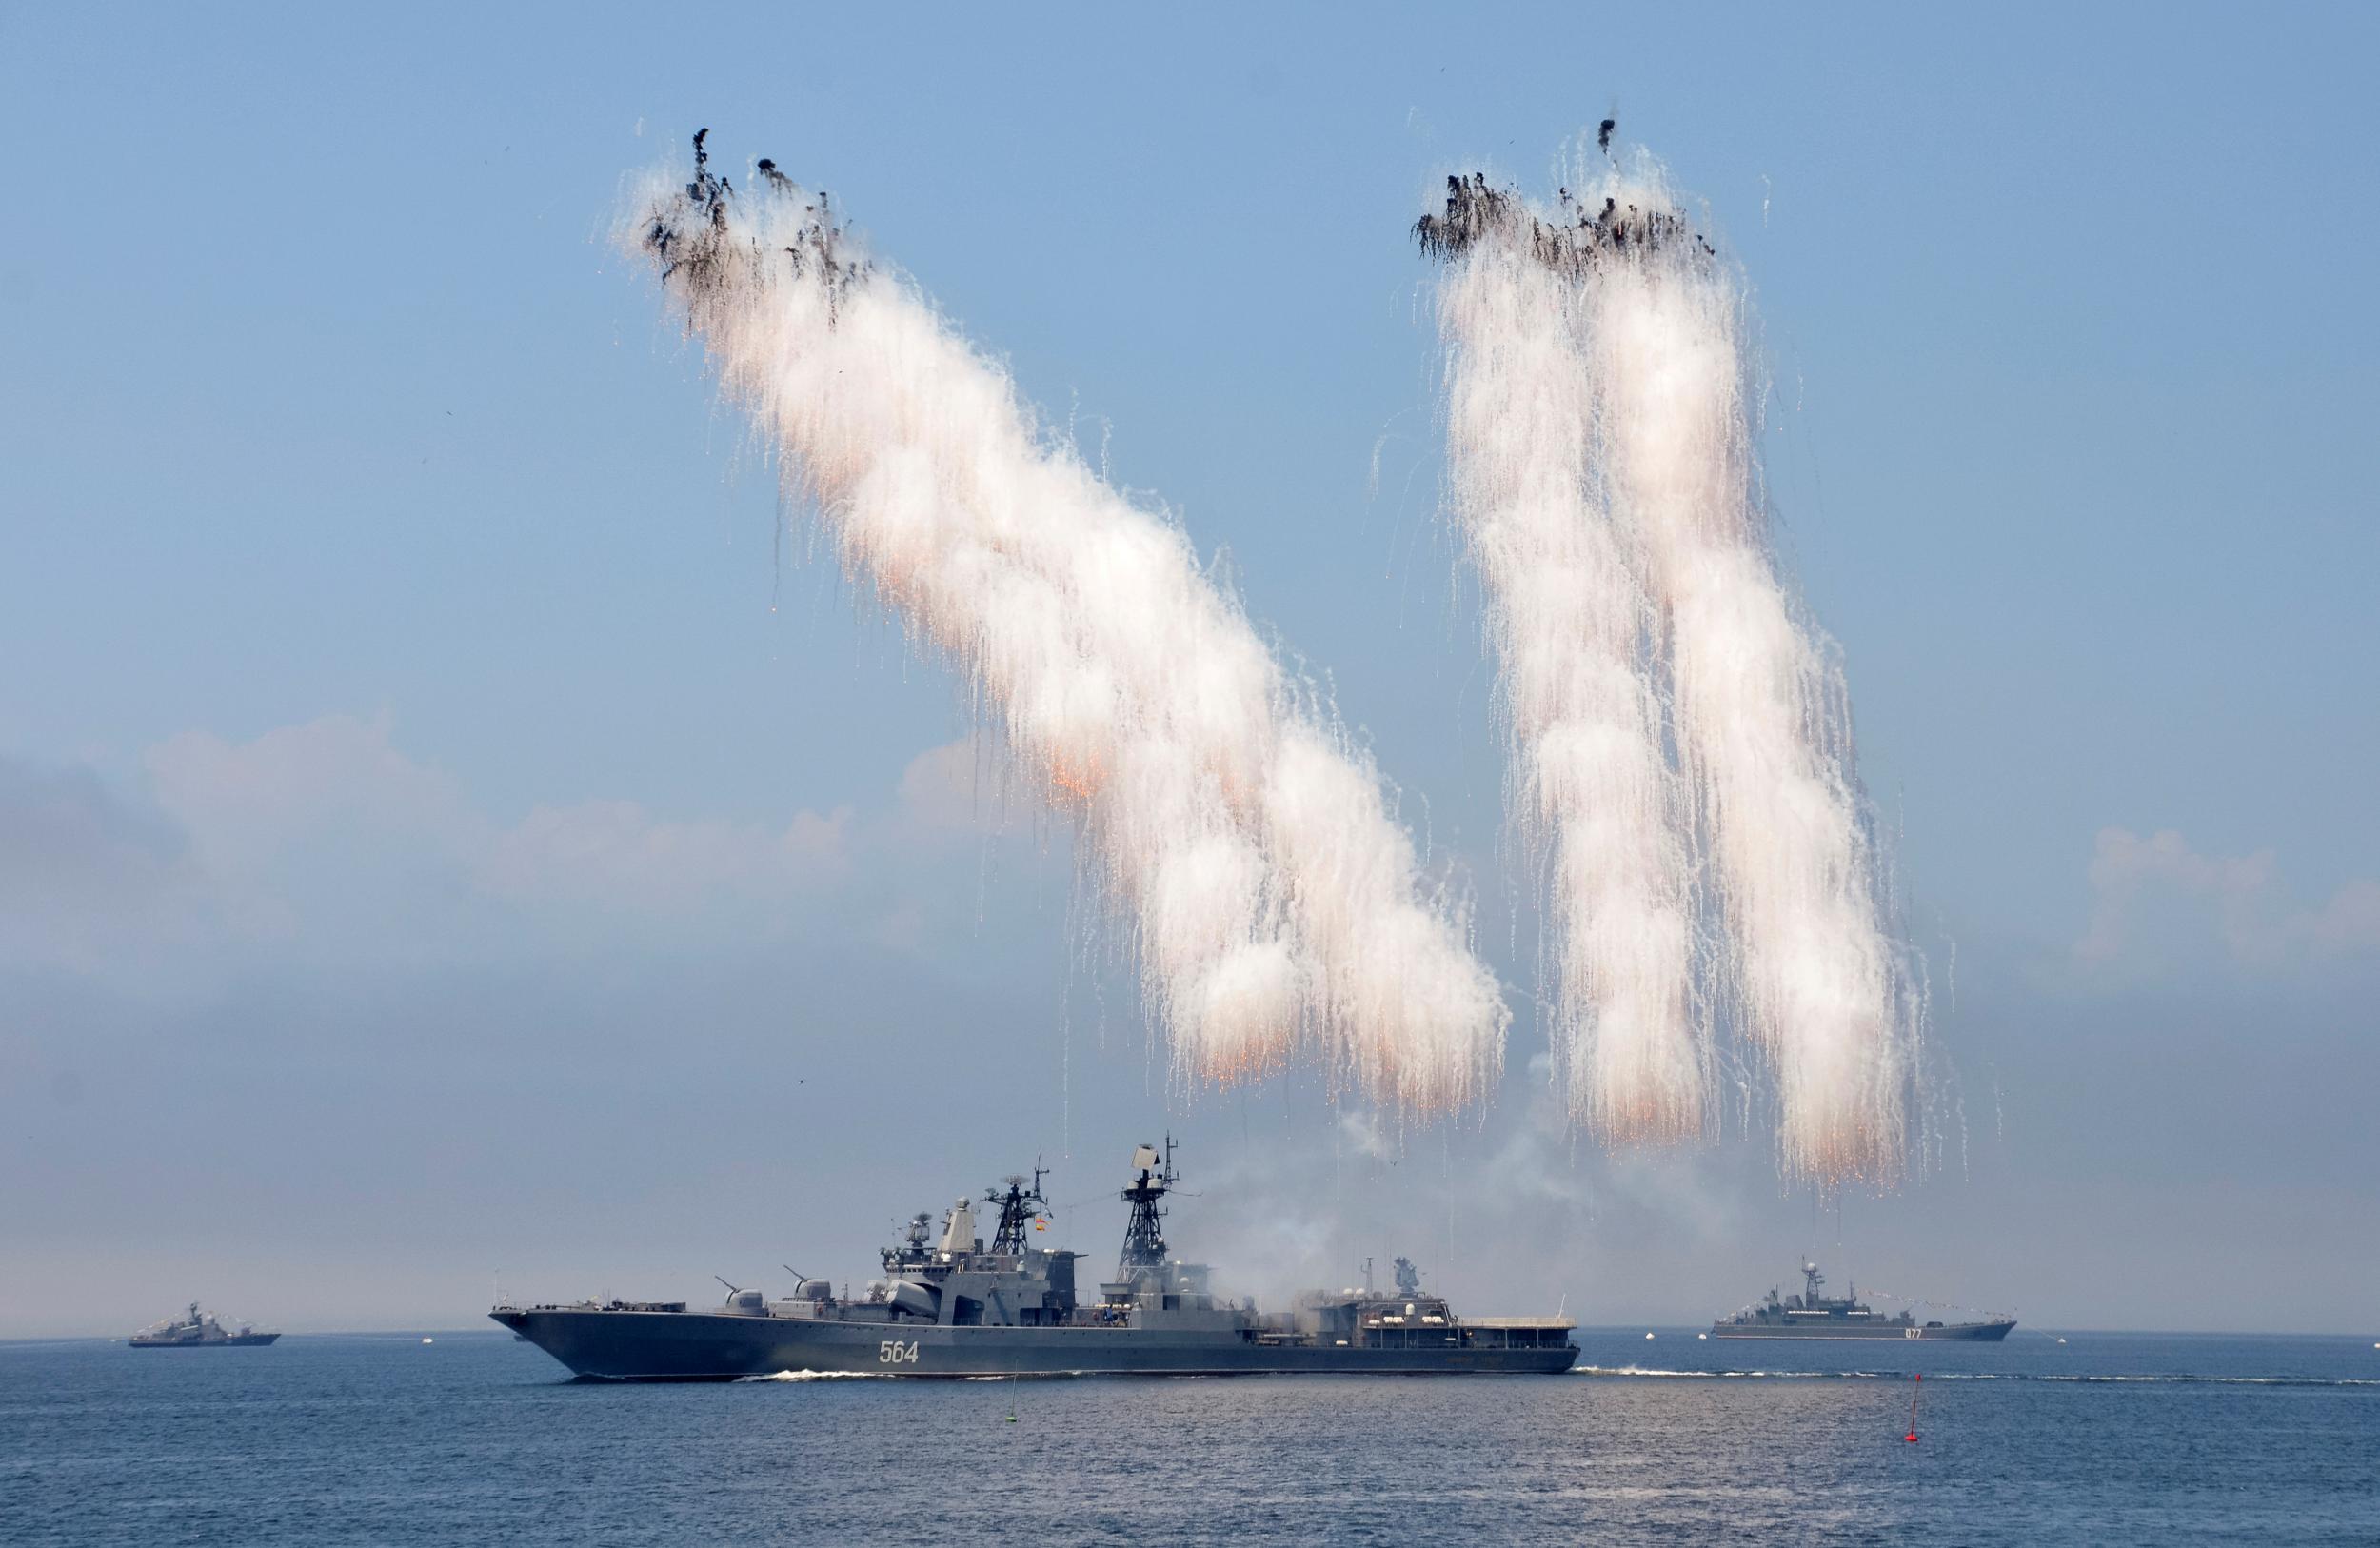 Flota militară rusă din Marea Caspică a atacat cu succes ținte de pe frontul sirian folosind rachetele Kalibr